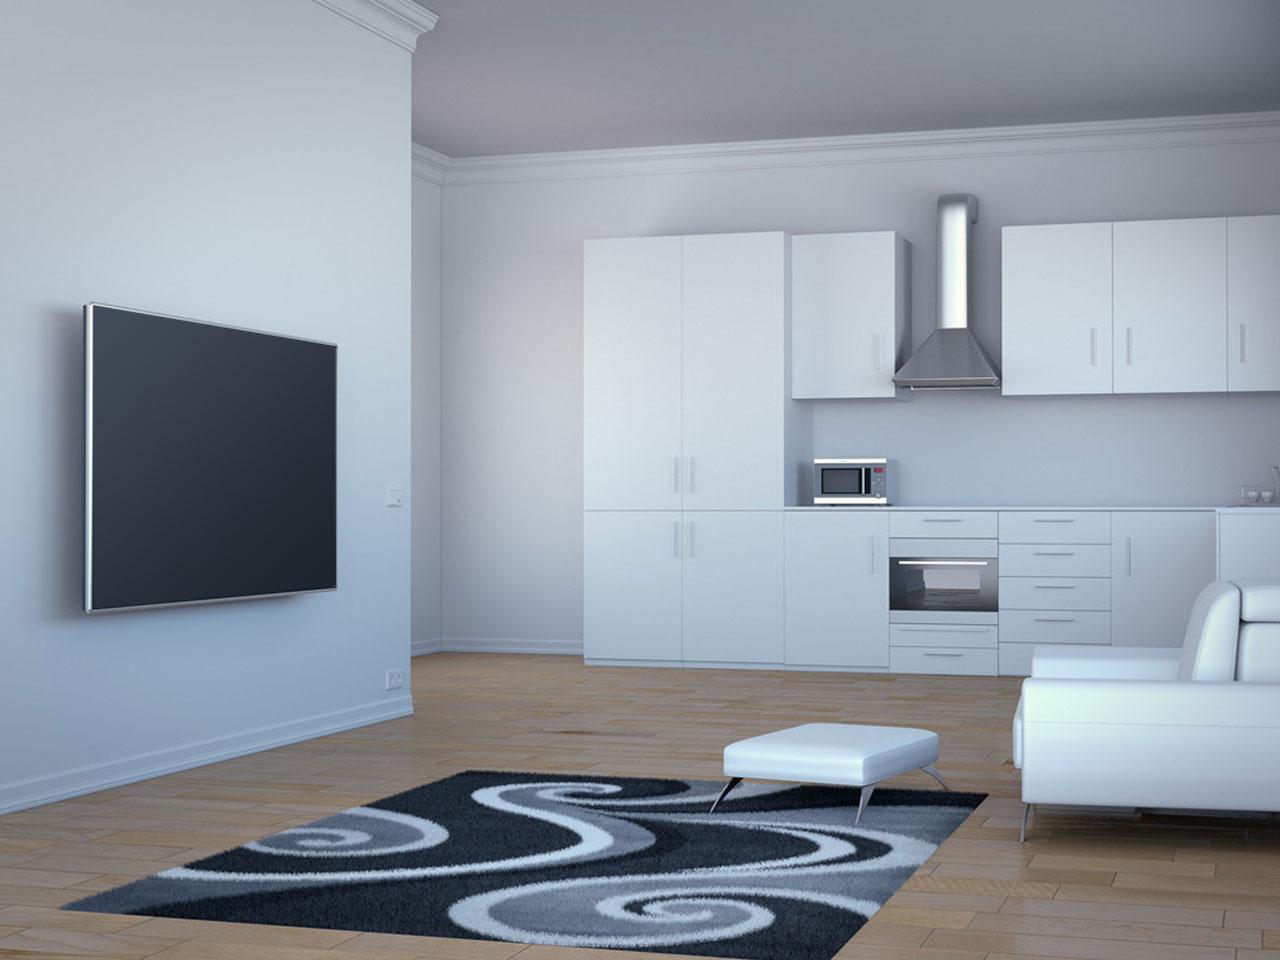 ... Vorschau: Aufbaubeispiel Flexarm PRO SD Full Motion TV Wandhalter  55 110 Zoll ...